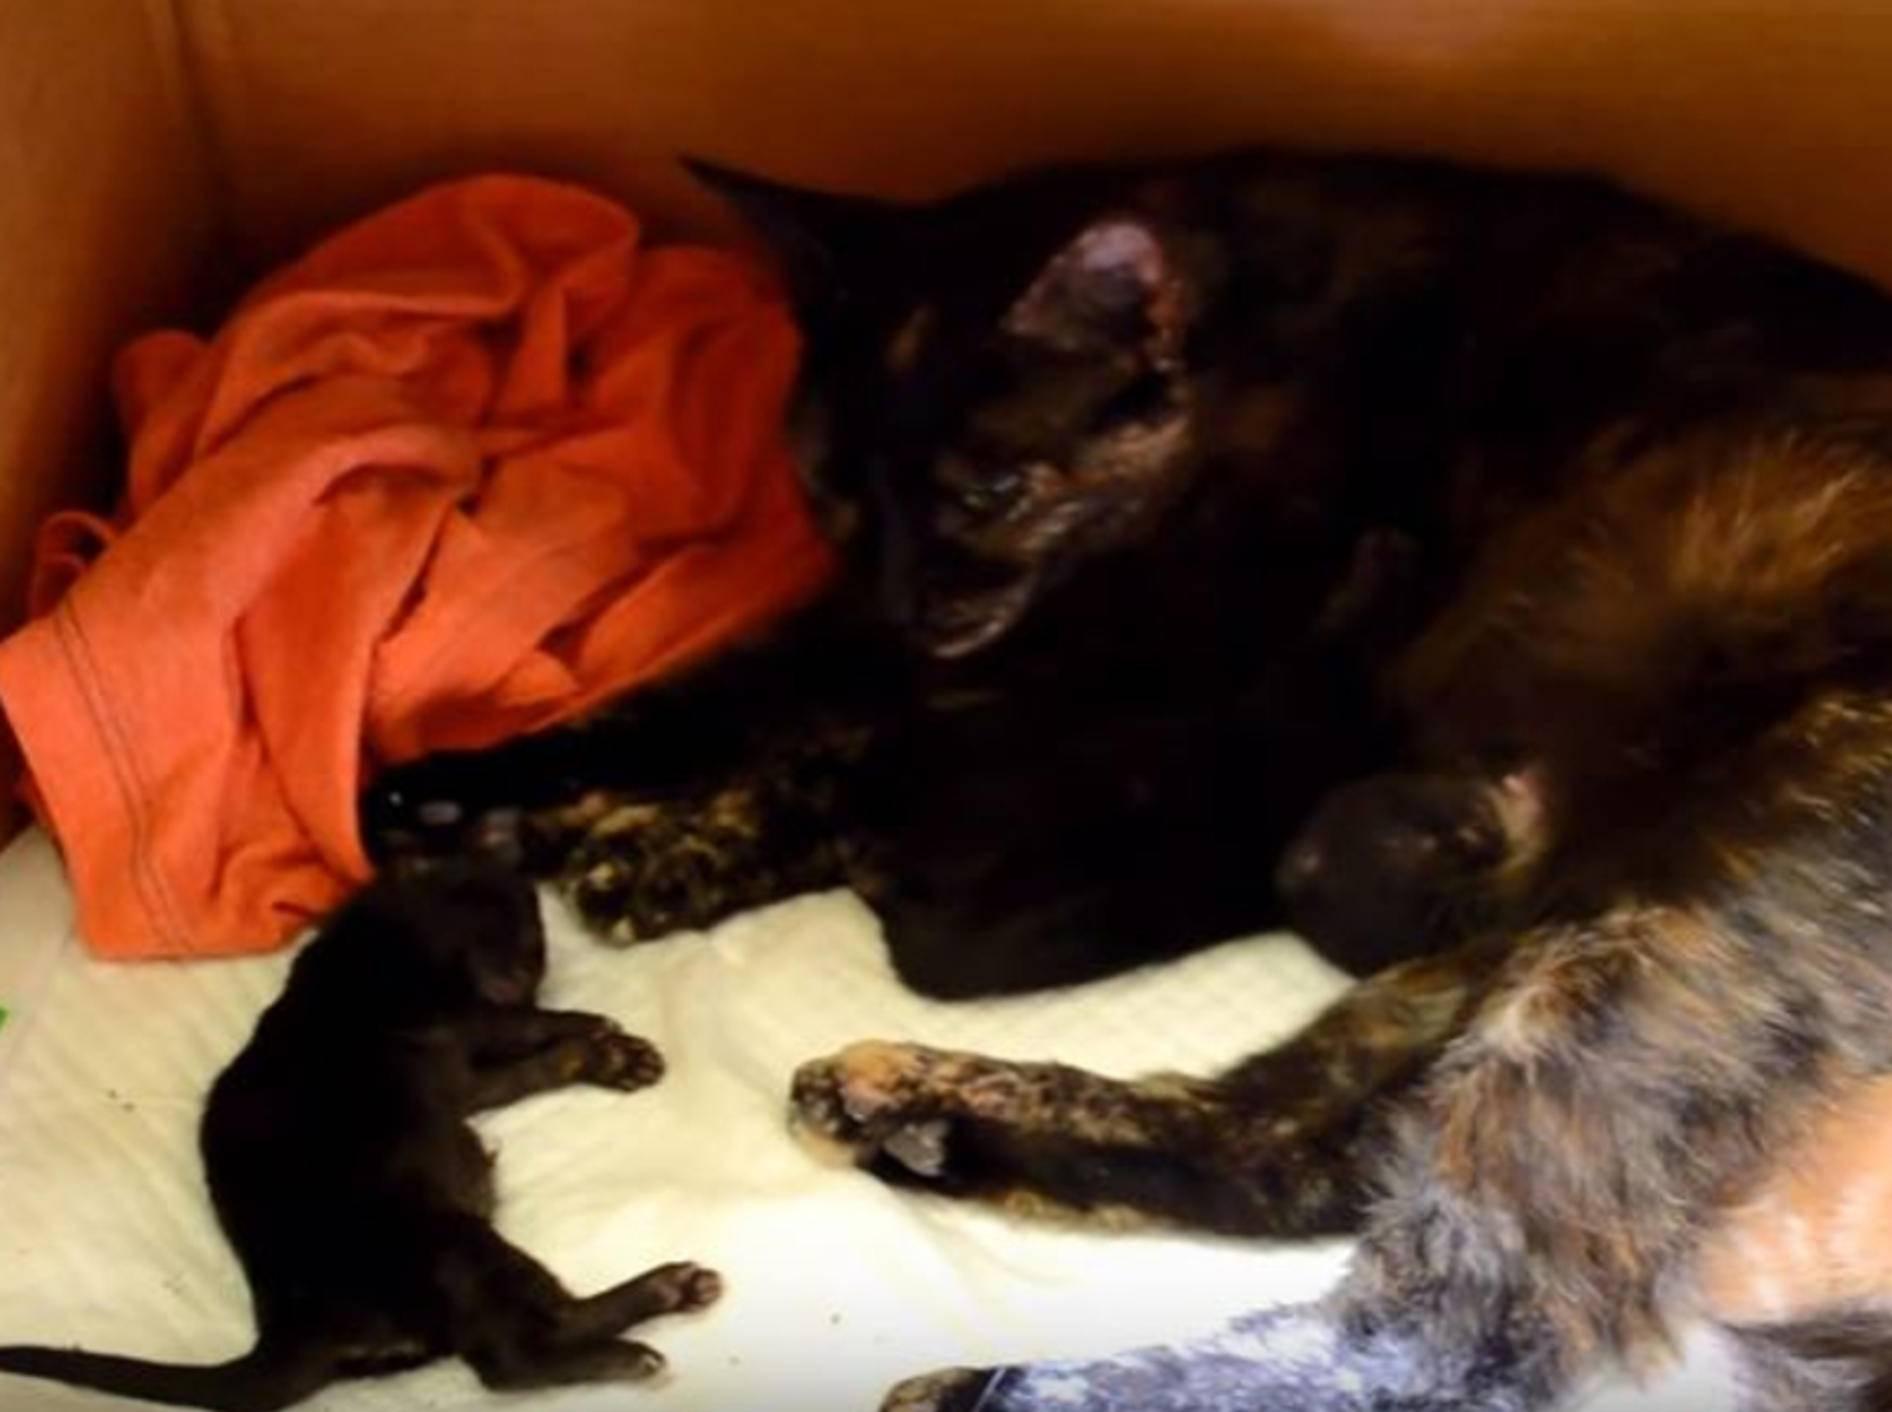 Manchmal braucht es eine helfende Hand, damit Katze und Kitten wohlauf sind – YouTube / OzGaga